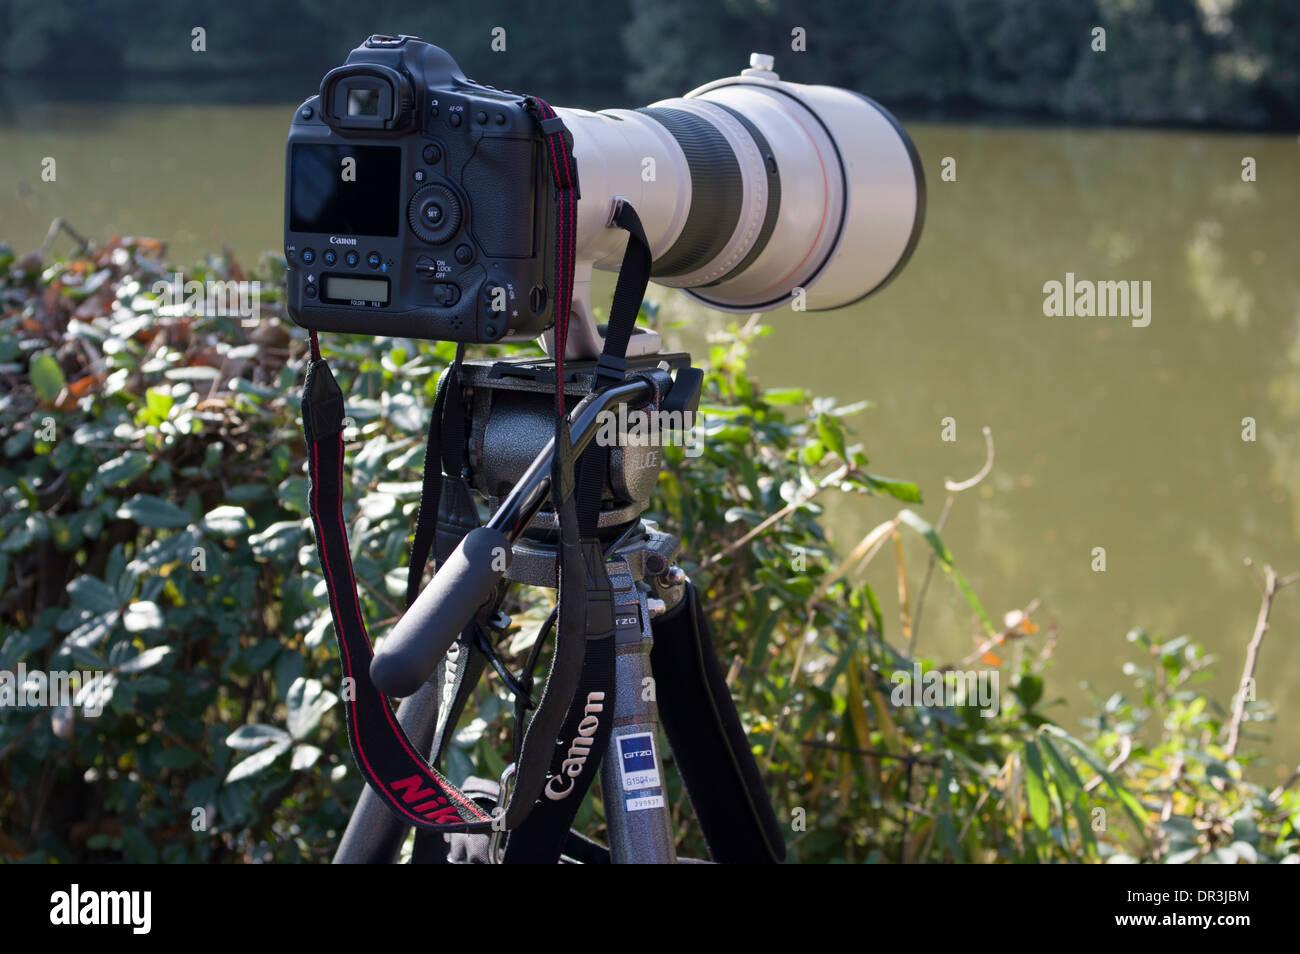 Bird / Wildlife Photographer di apparecchiature. Robusto treppiede Gitzo, reflex digitali Canon con teleobiettivo. Immagini Stock